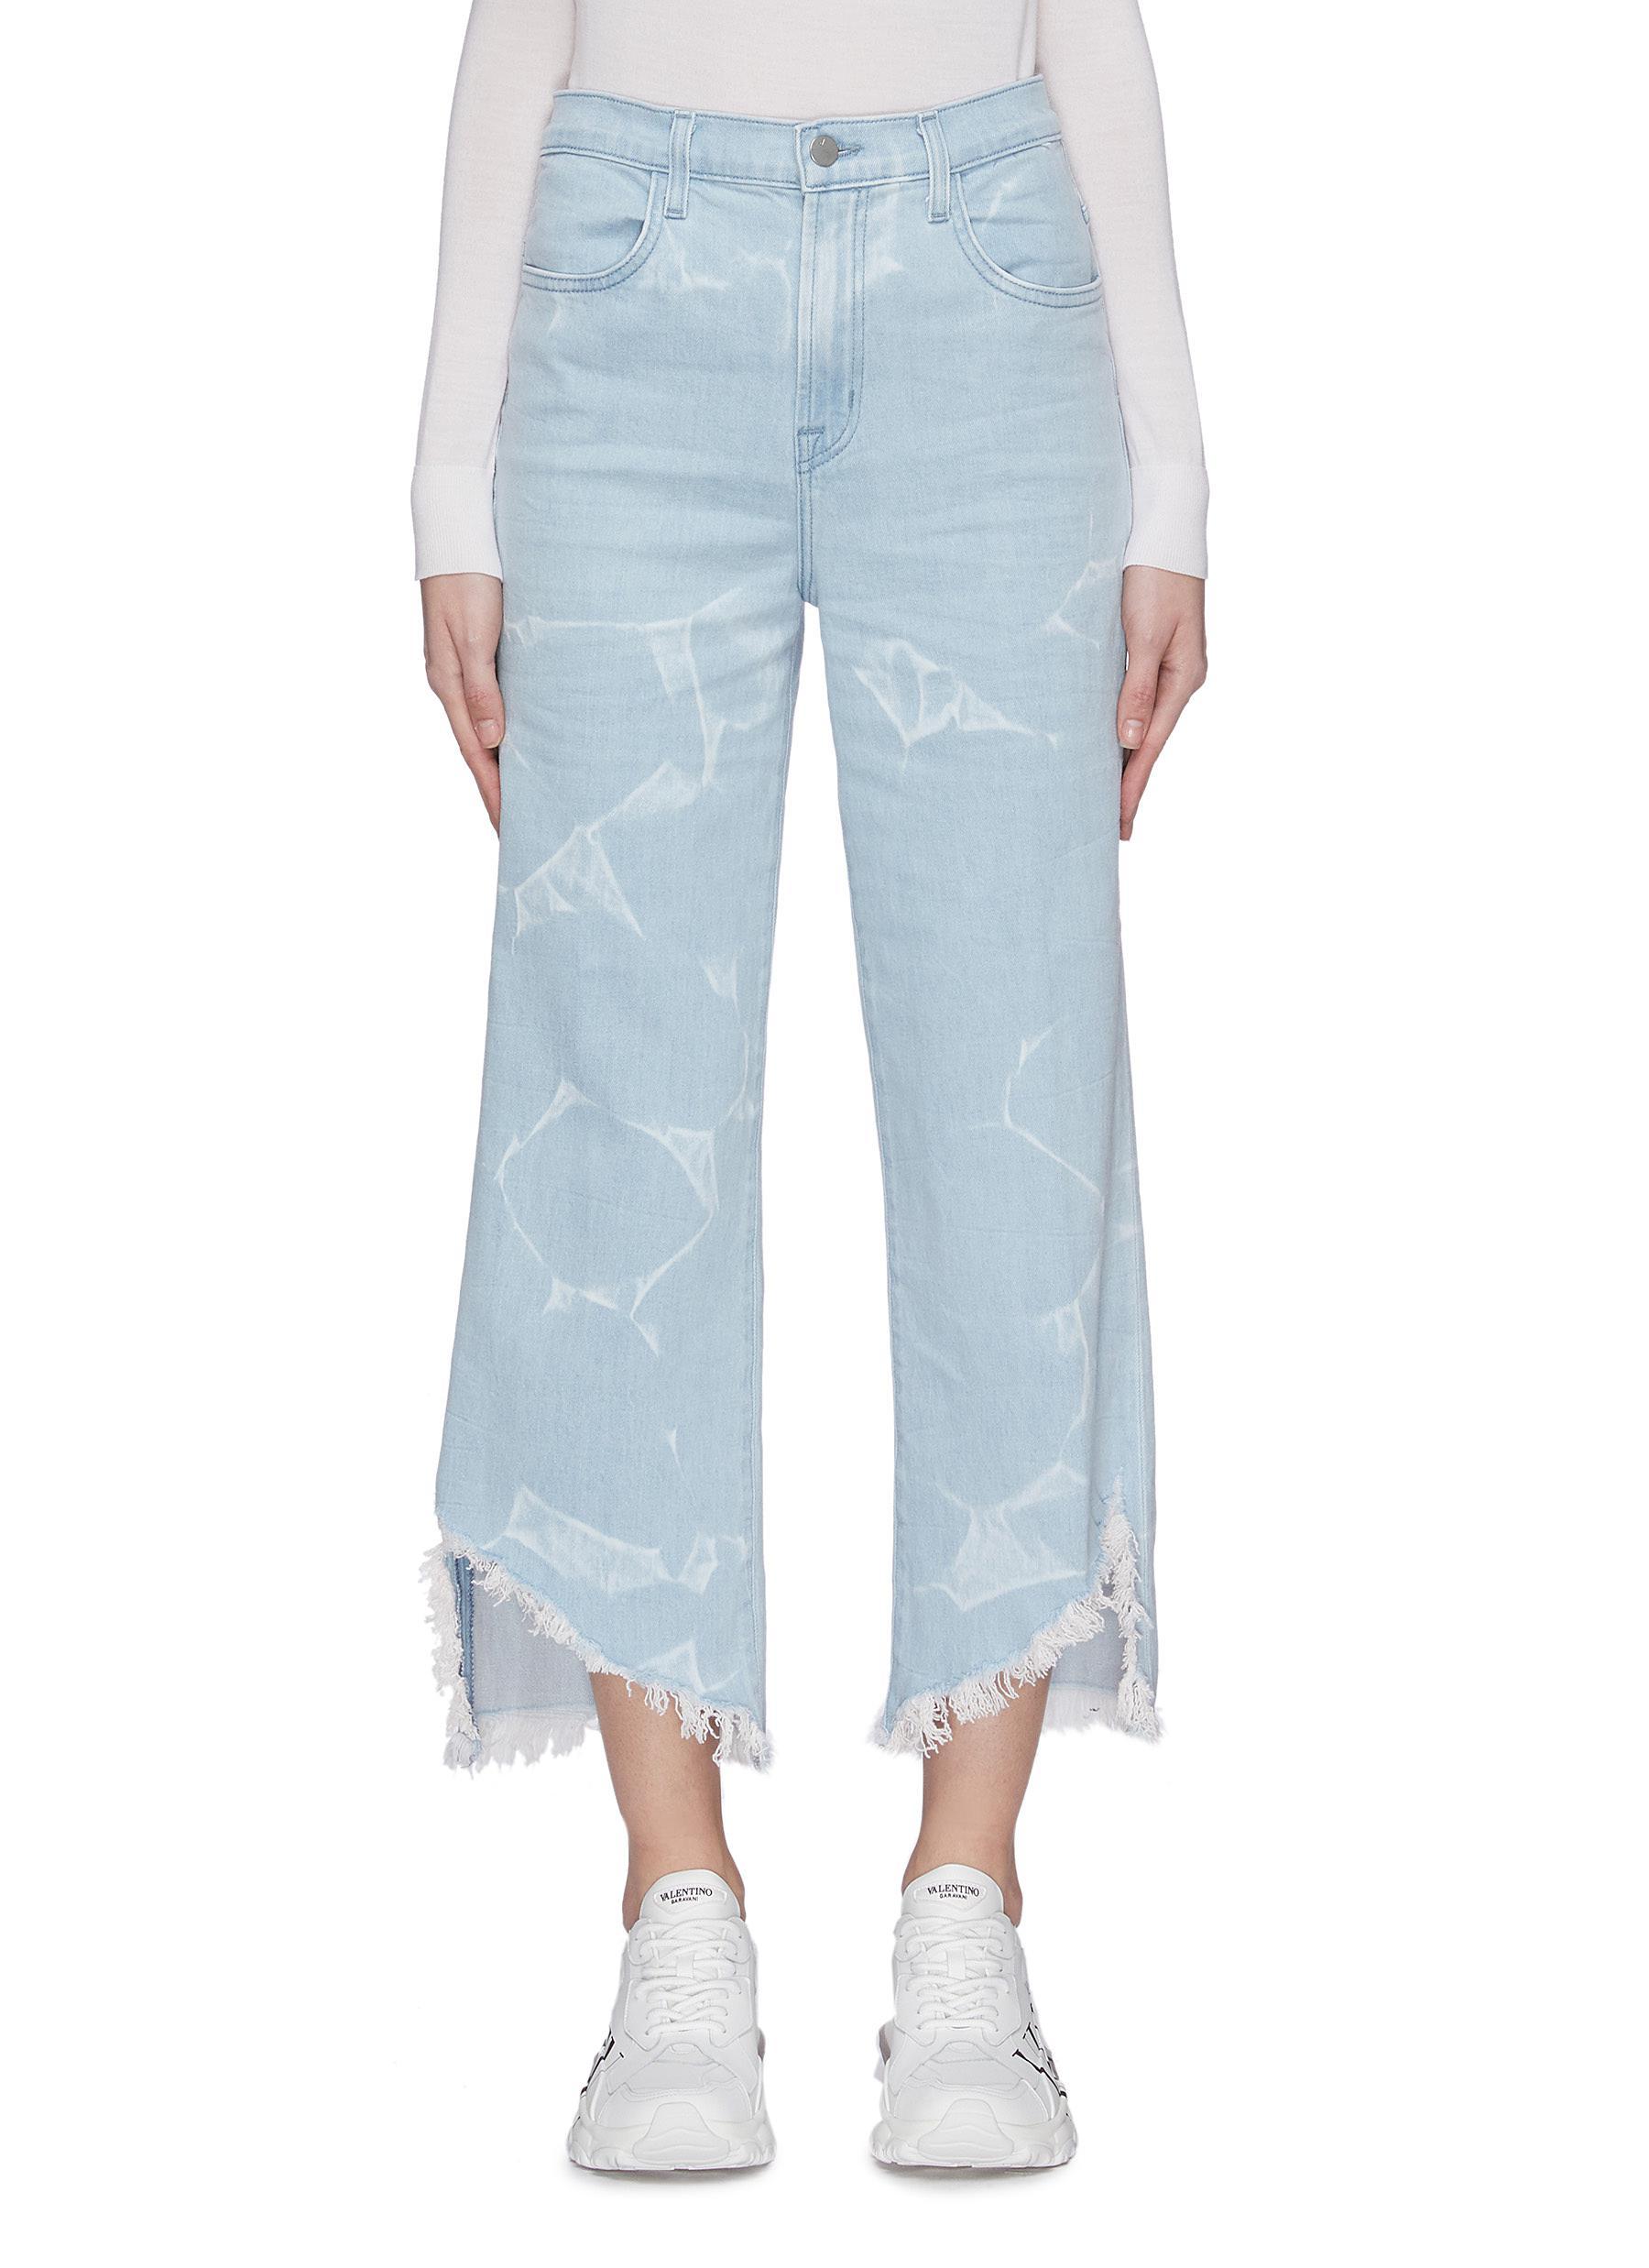 Buy J Brand Jeans 'Joan' light wash crinkle frayed hem flare jeans